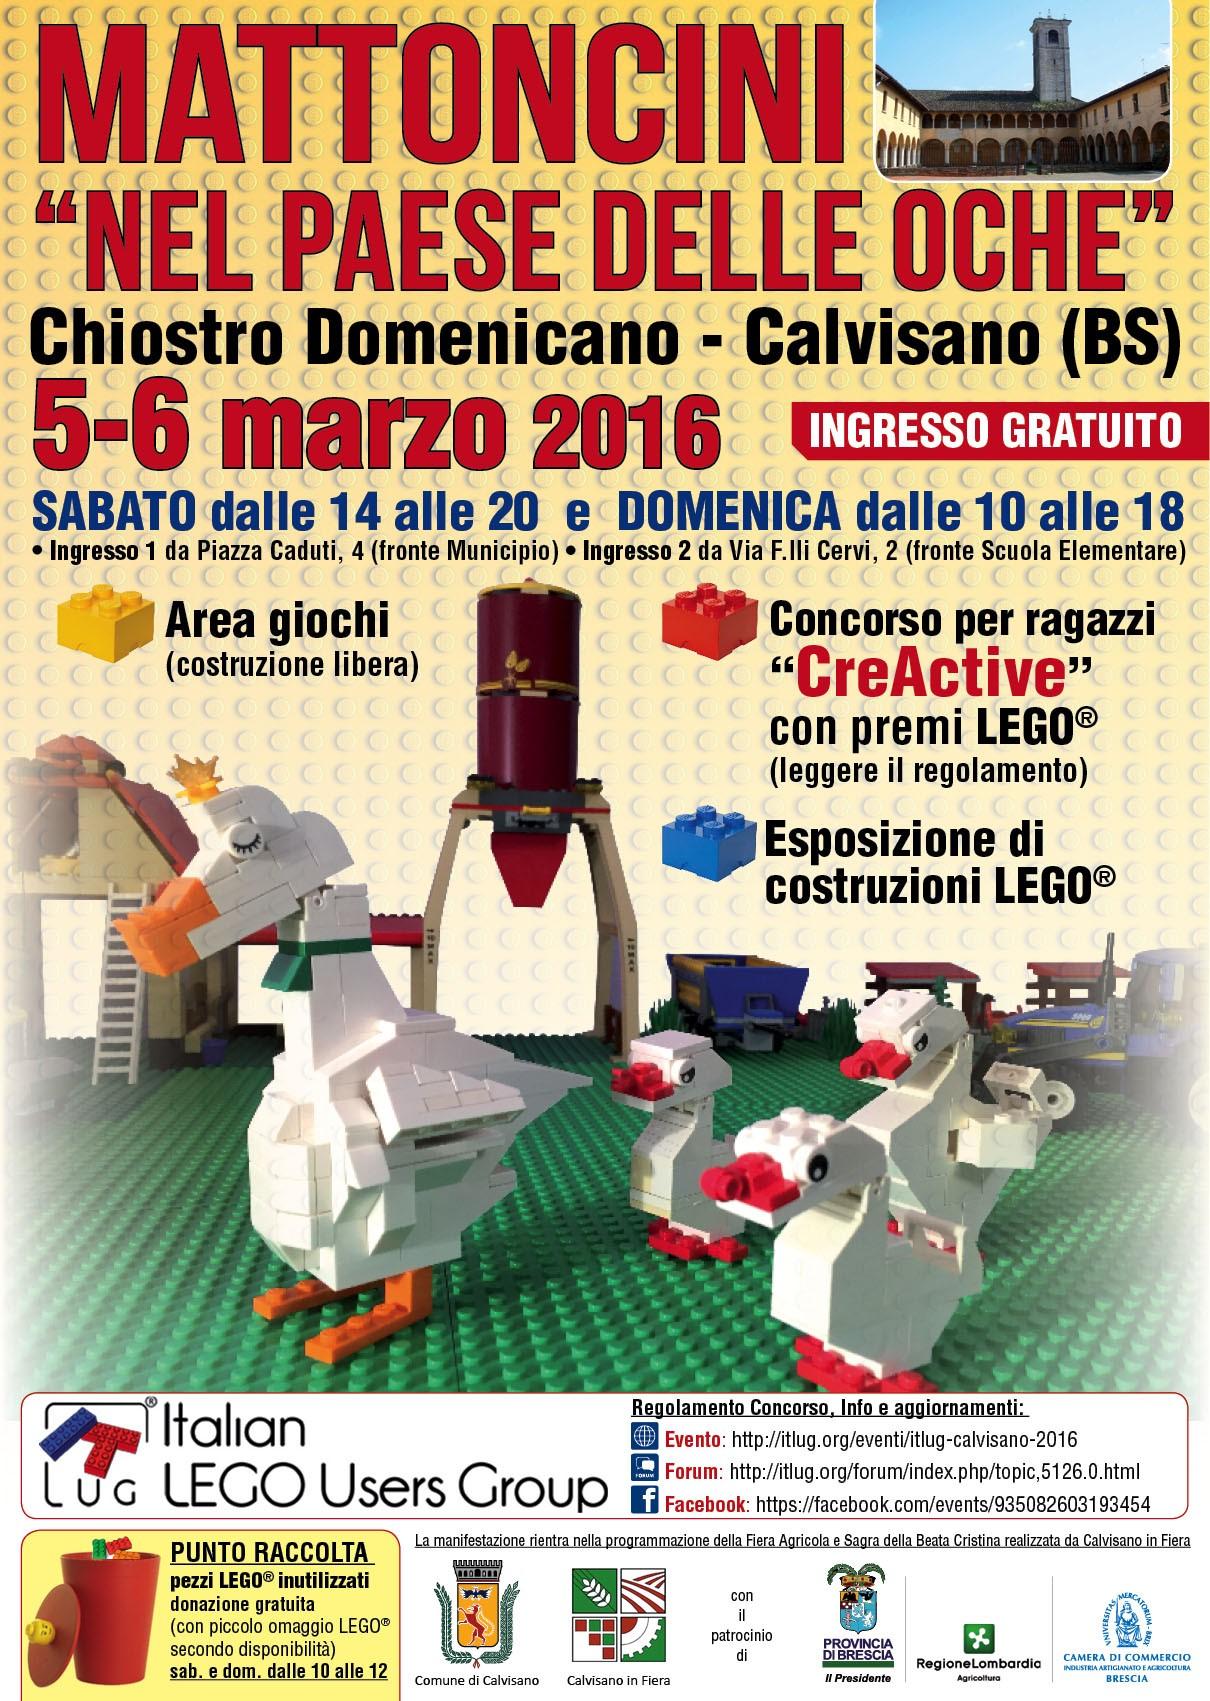 ItLUG Calvisano 2016 - Mattoncini nel Paese delle Oche